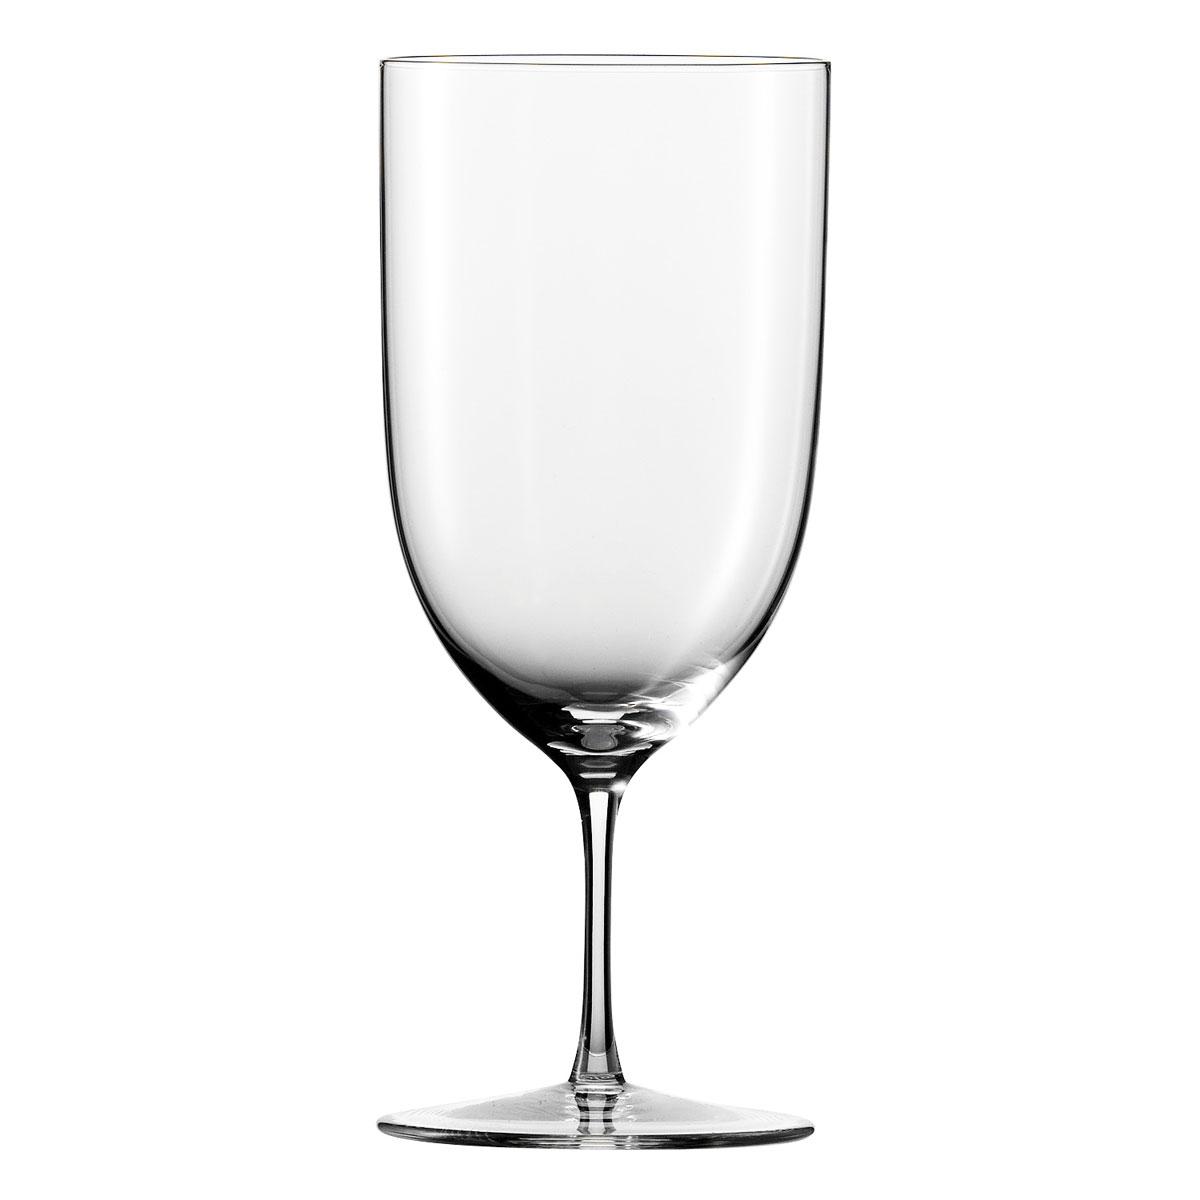 Schott Zwiesel 1872 Enoteca Water Glass, Single